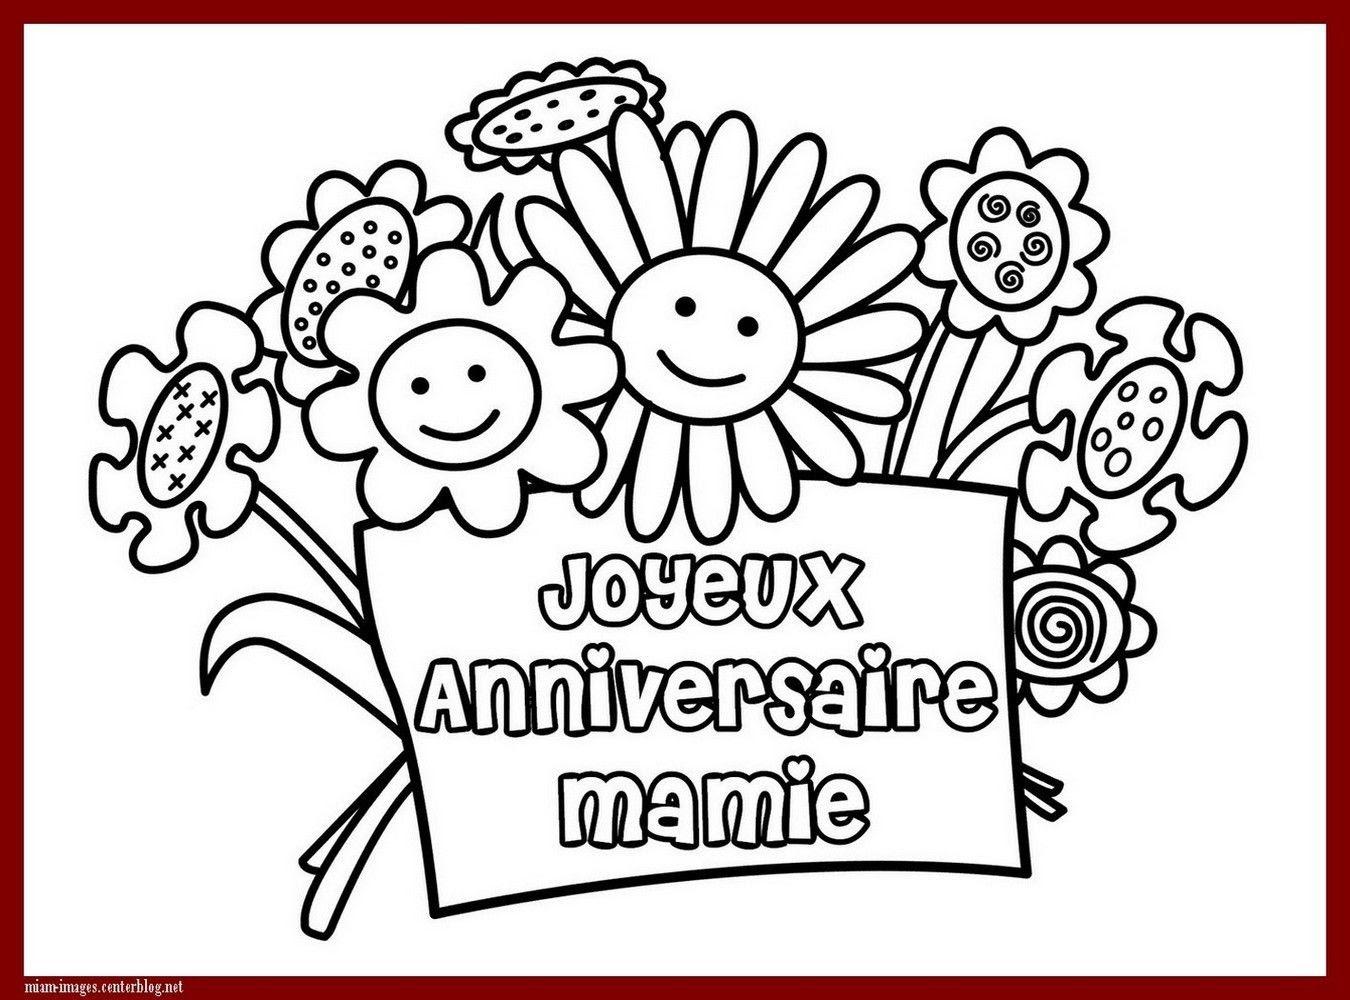 Anniversaire Coloriage Joyeux Anniversaire Mamie